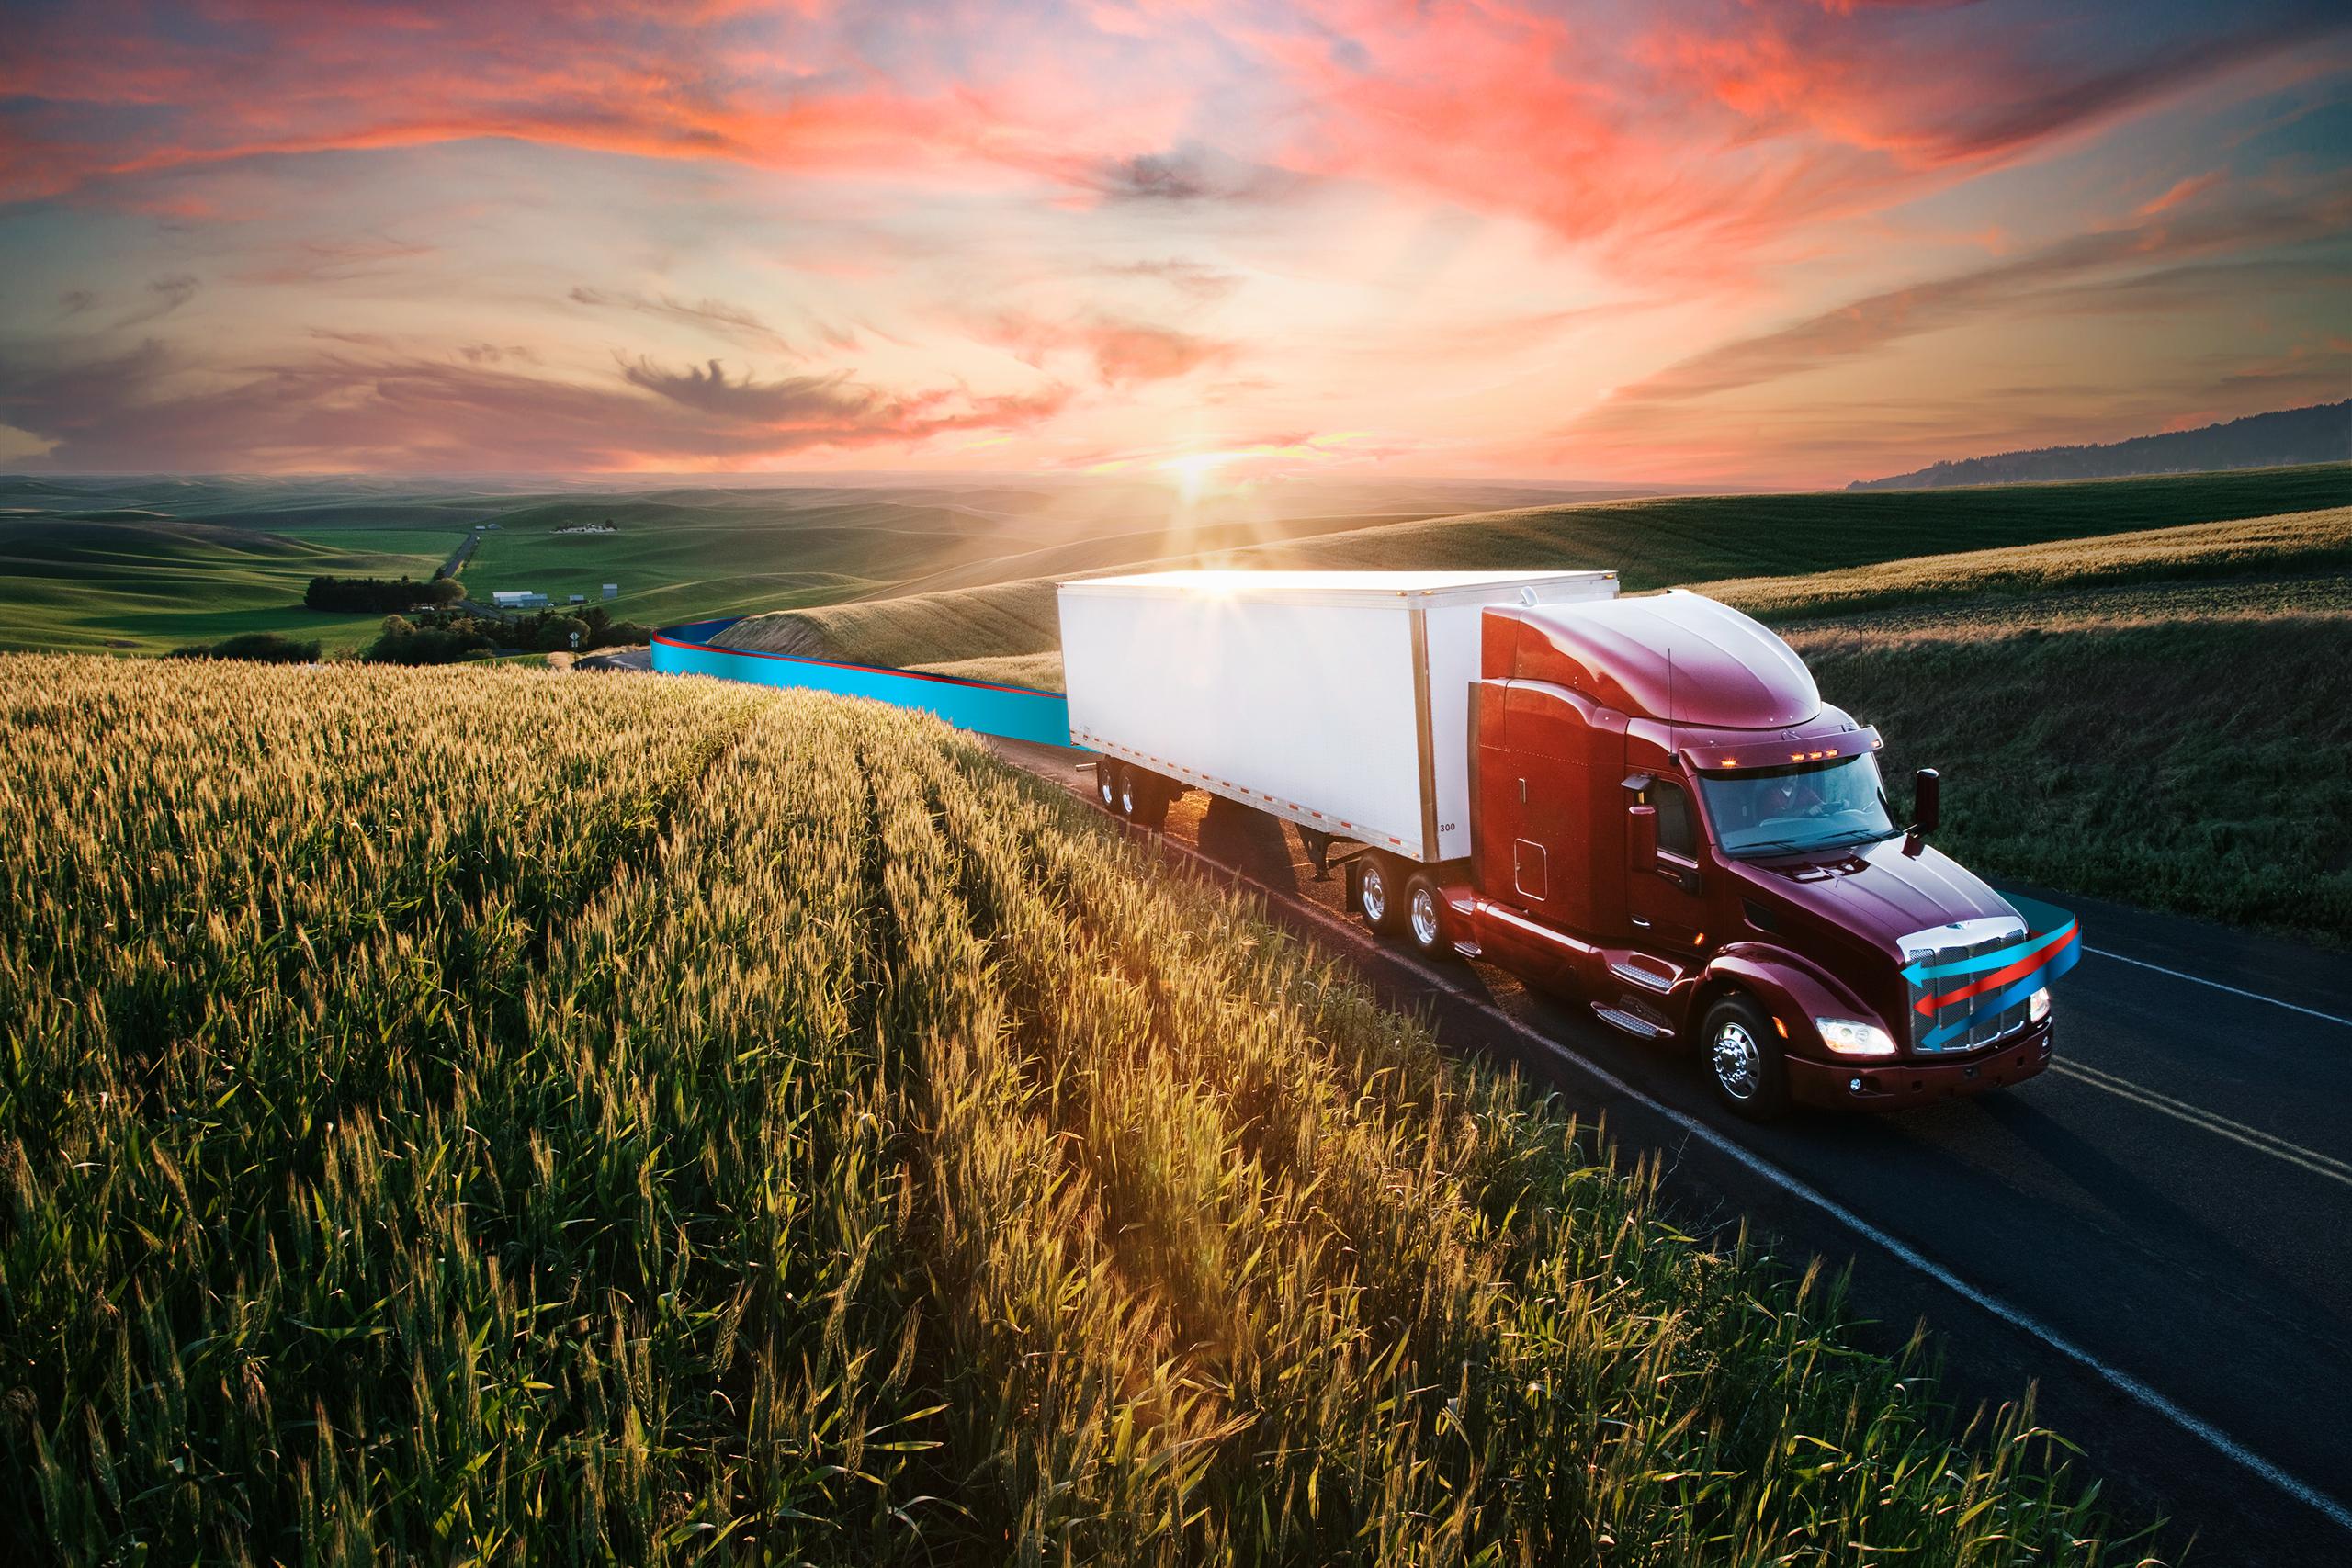 Truck_Driving_Along_Fields_Arrows